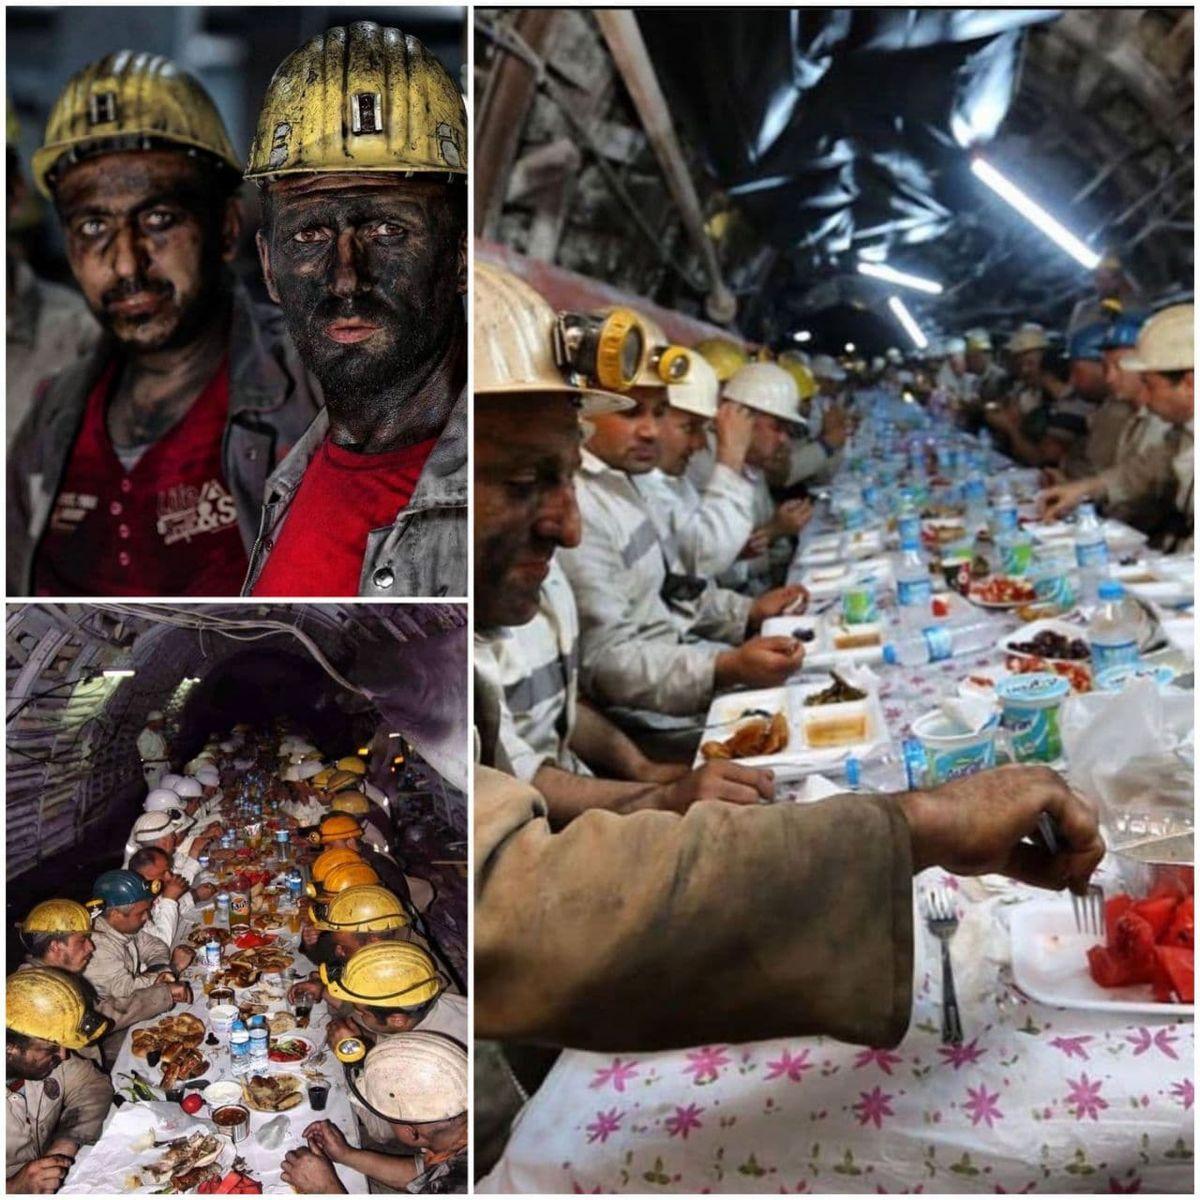 افطار کارگران معدن در عمق ۶۳۰ متری زمین +عکس